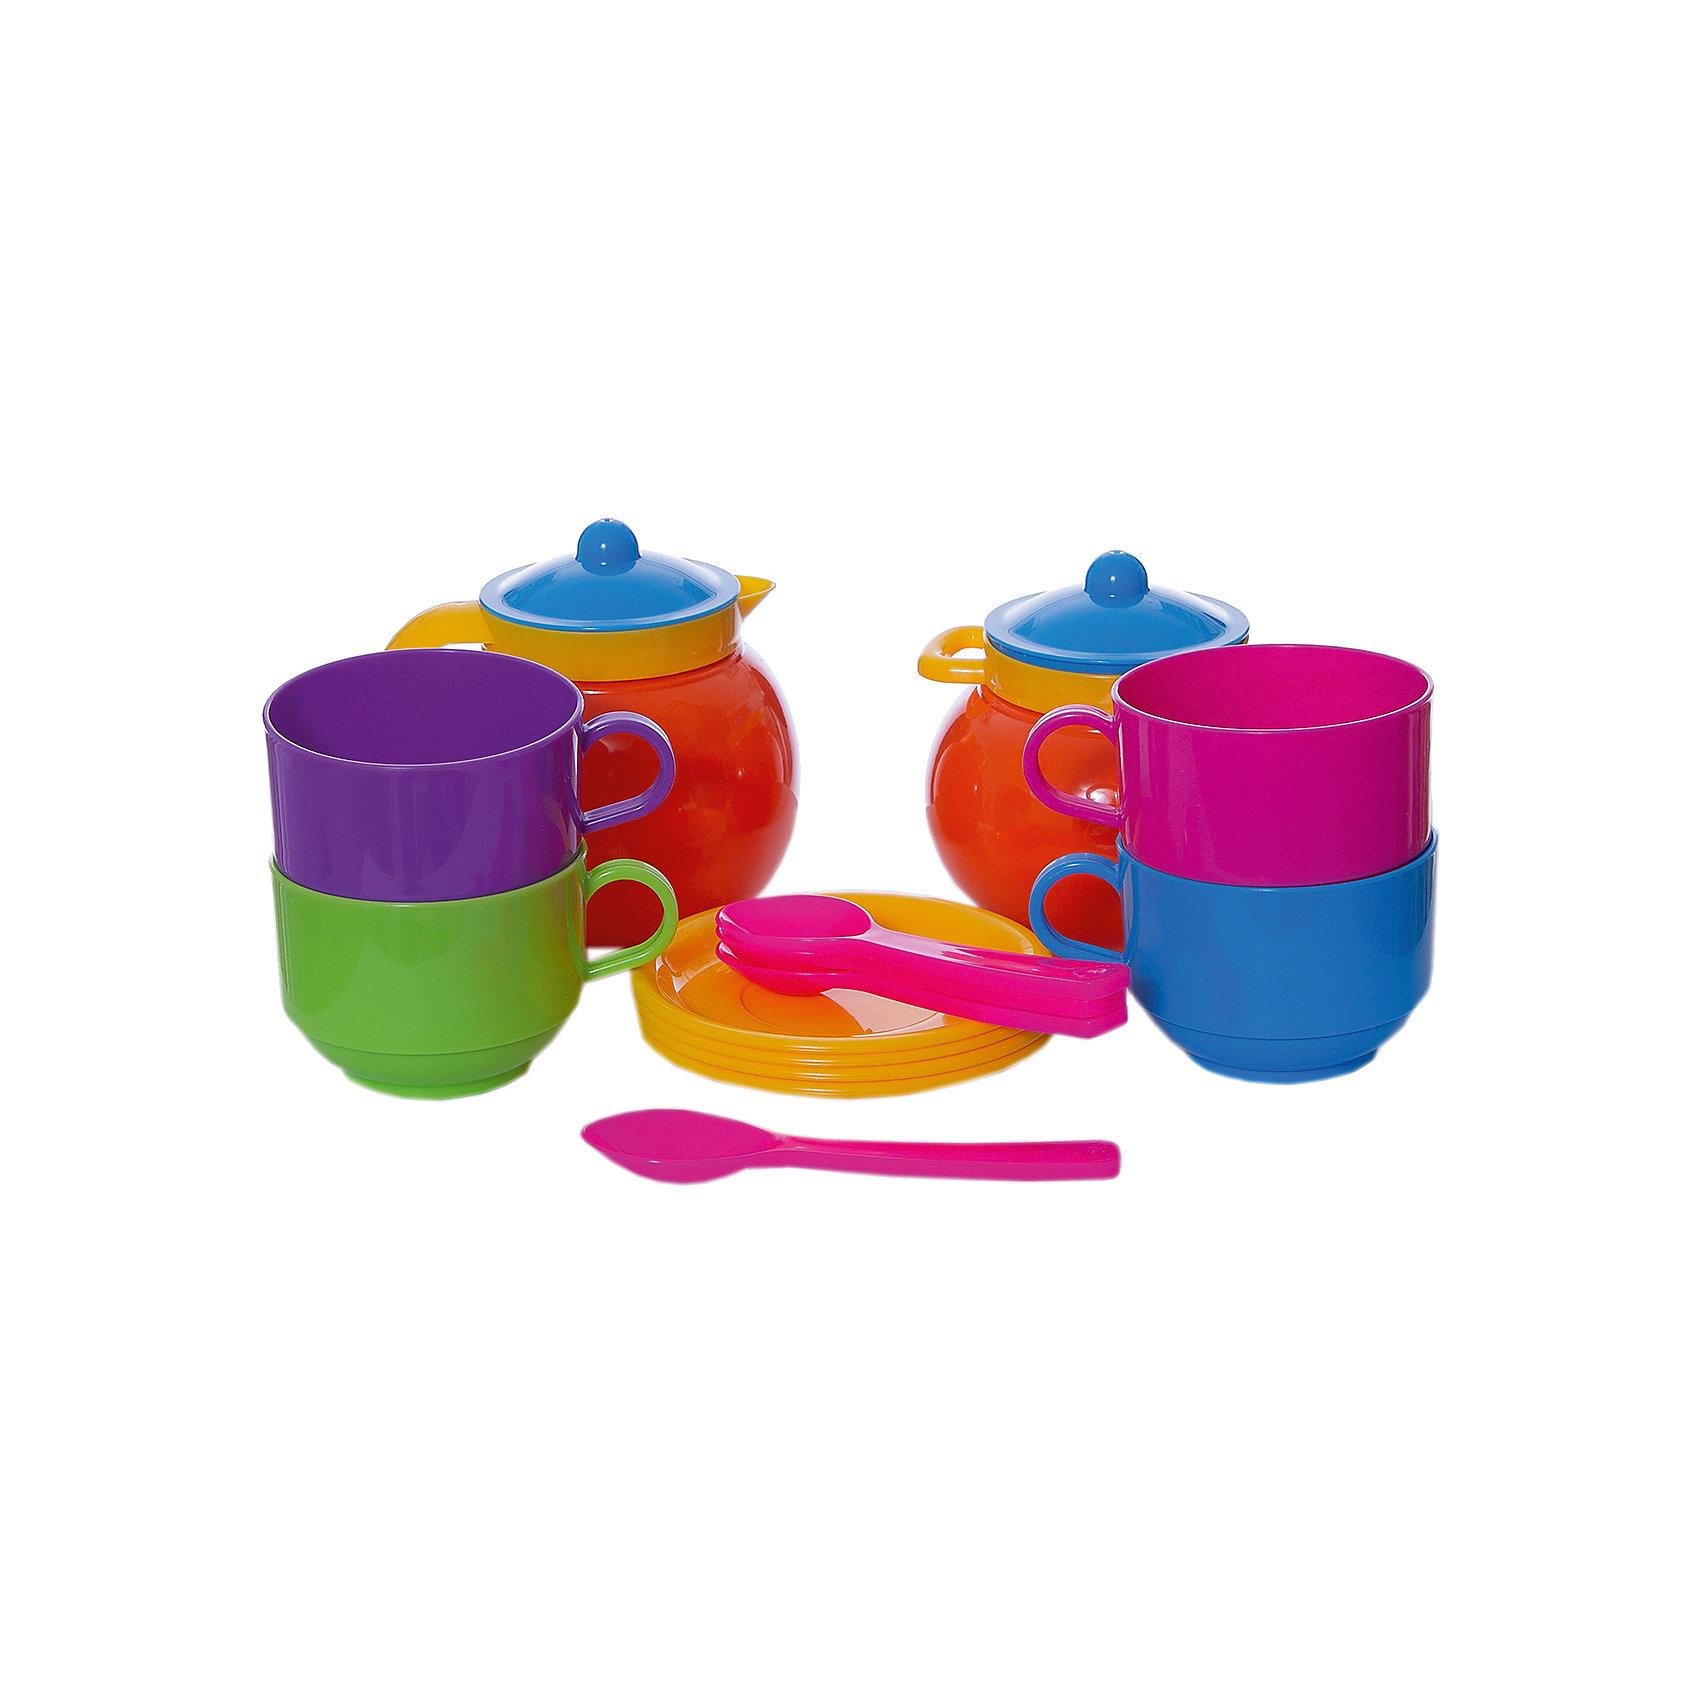 Стеллар Детская посуда Чайный наборДетская посуда Чайный набор от Стеллар (Stellar).<br> <br>Набор из 4-х чашек с блюдцами, 4-х ложек, кувшина и сахарницы. Чашки крупные и прочные. Упаковка - сумка ПВХ.<br><br>Пузатые молочник и сахарница имеют диаметр до 10 см. Высота чашек 5,5 см, диаметр 7 см.<br><br>С «Чайным набором» Стеллар, выполненным из прочного и безопасного пластика, дети могут устроить настоящее чаепитие, поиграть в ресторан или накормить все игрушки  вкусным «обедом».<br><br>Дополнительная информация:<br><br>- В комплекте: 4 чашки с блюдцами, 4 ложки, кувшин, сахарница.<br>- Материал: полипропилен <br>- Размер упаковки: 200 х 200 х 100 мм<br>- Вес: 275 г.<br><br>Детскую посуду Чайный набор от Стеллар (Stellar). можно купить в нашем интернет-магазине.<br><br>Ширина мм: 200<br>Глубина мм: 200<br>Высота мм: 100<br>Вес г: 275<br>Возраст от месяцев: 36<br>Возраст до месяцев: 1188<br>Пол: Женский<br>Возраст: Детский<br>SKU: 2407105